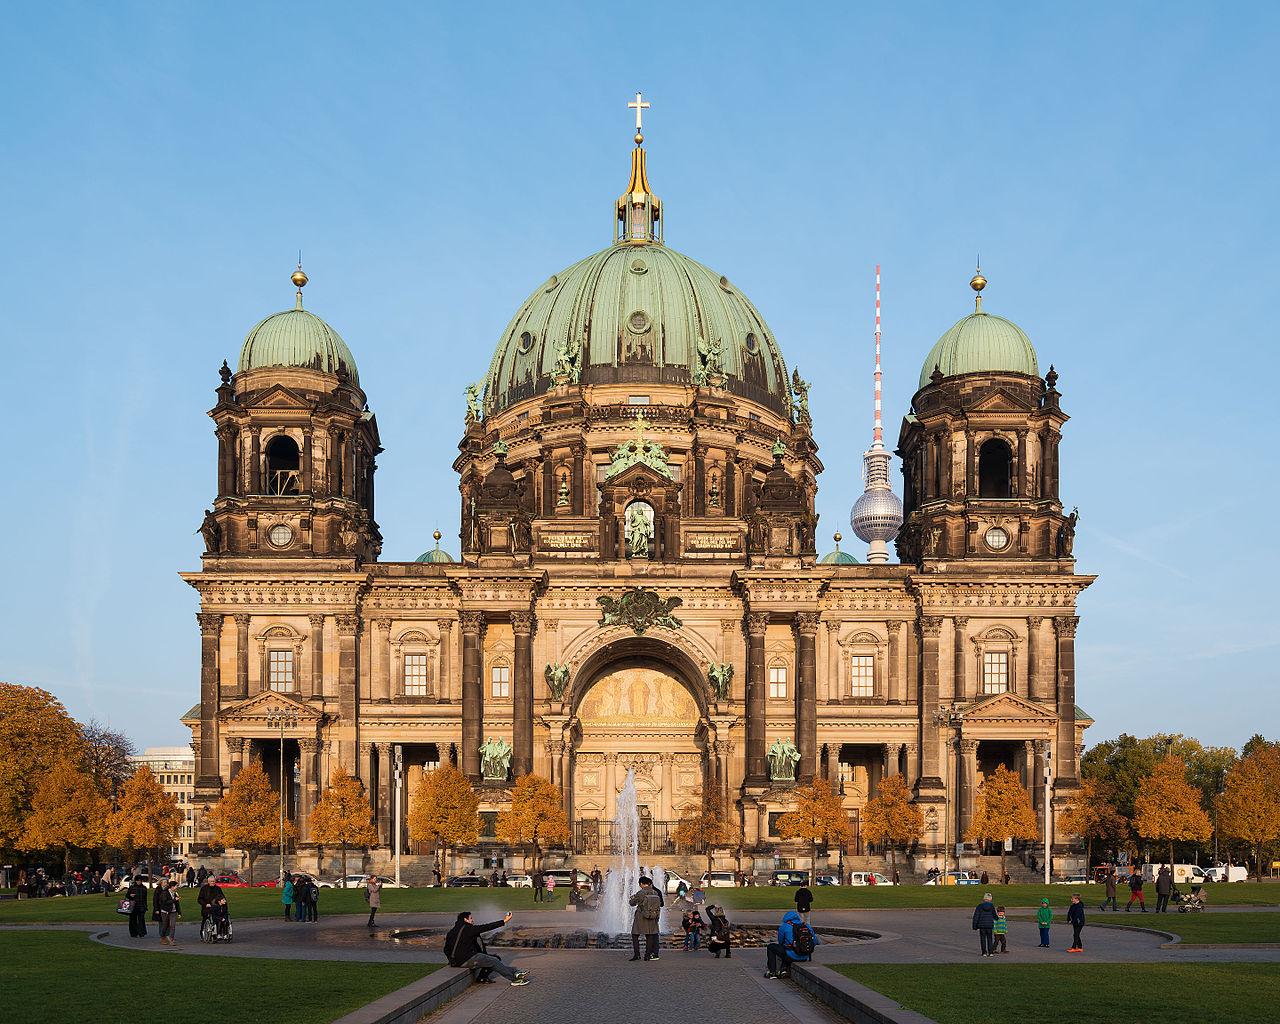 วิหารเบอร์ลิน-สวยงาม